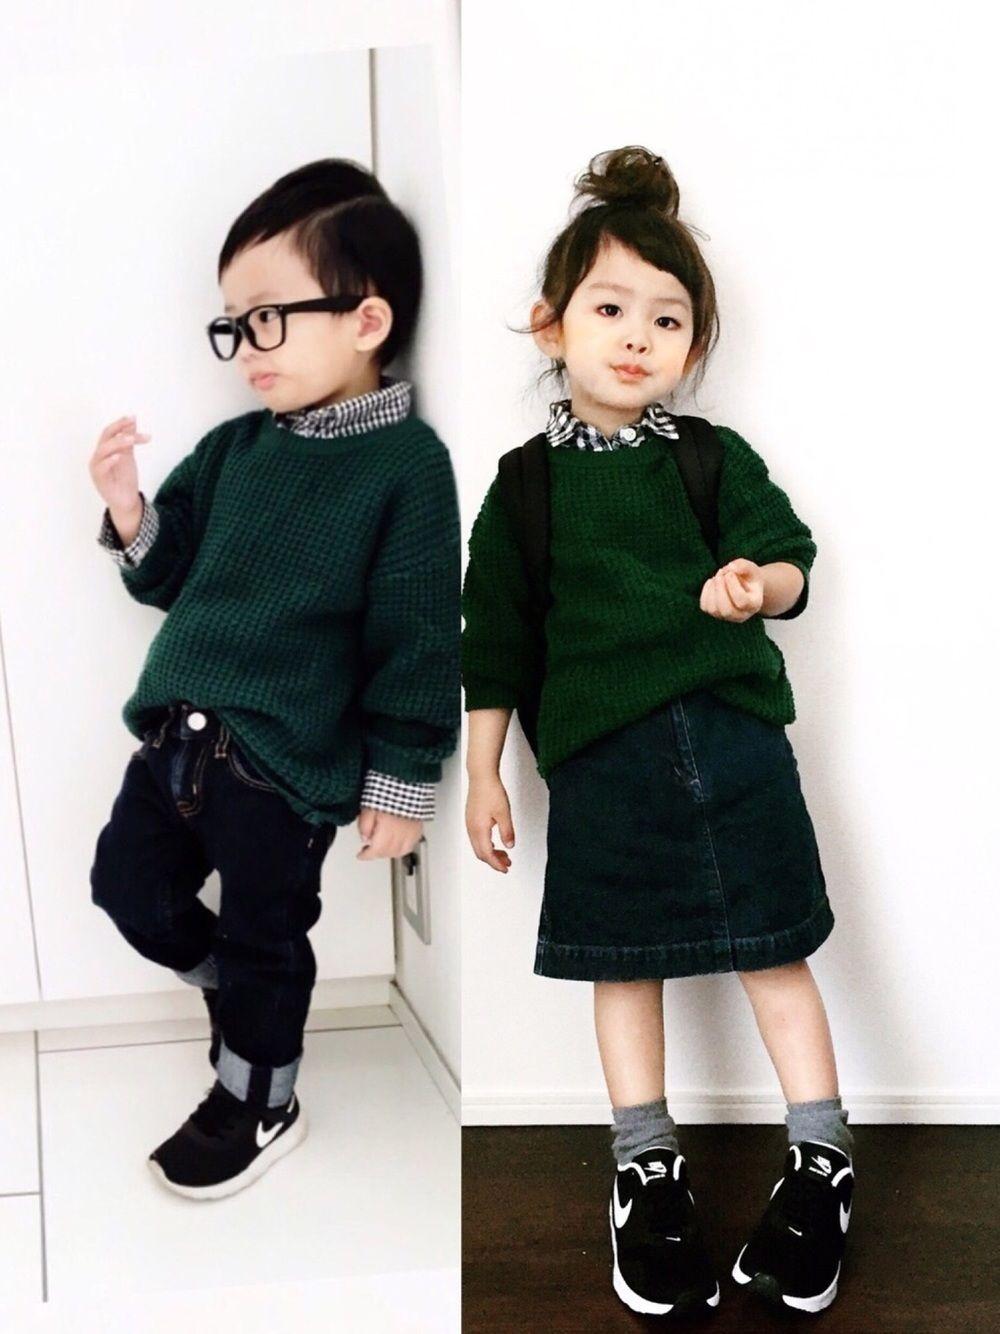 Nana Nikeのスニーカーを使ったコーディネート キッズファッション キッズスタイル 男の子 ファッション